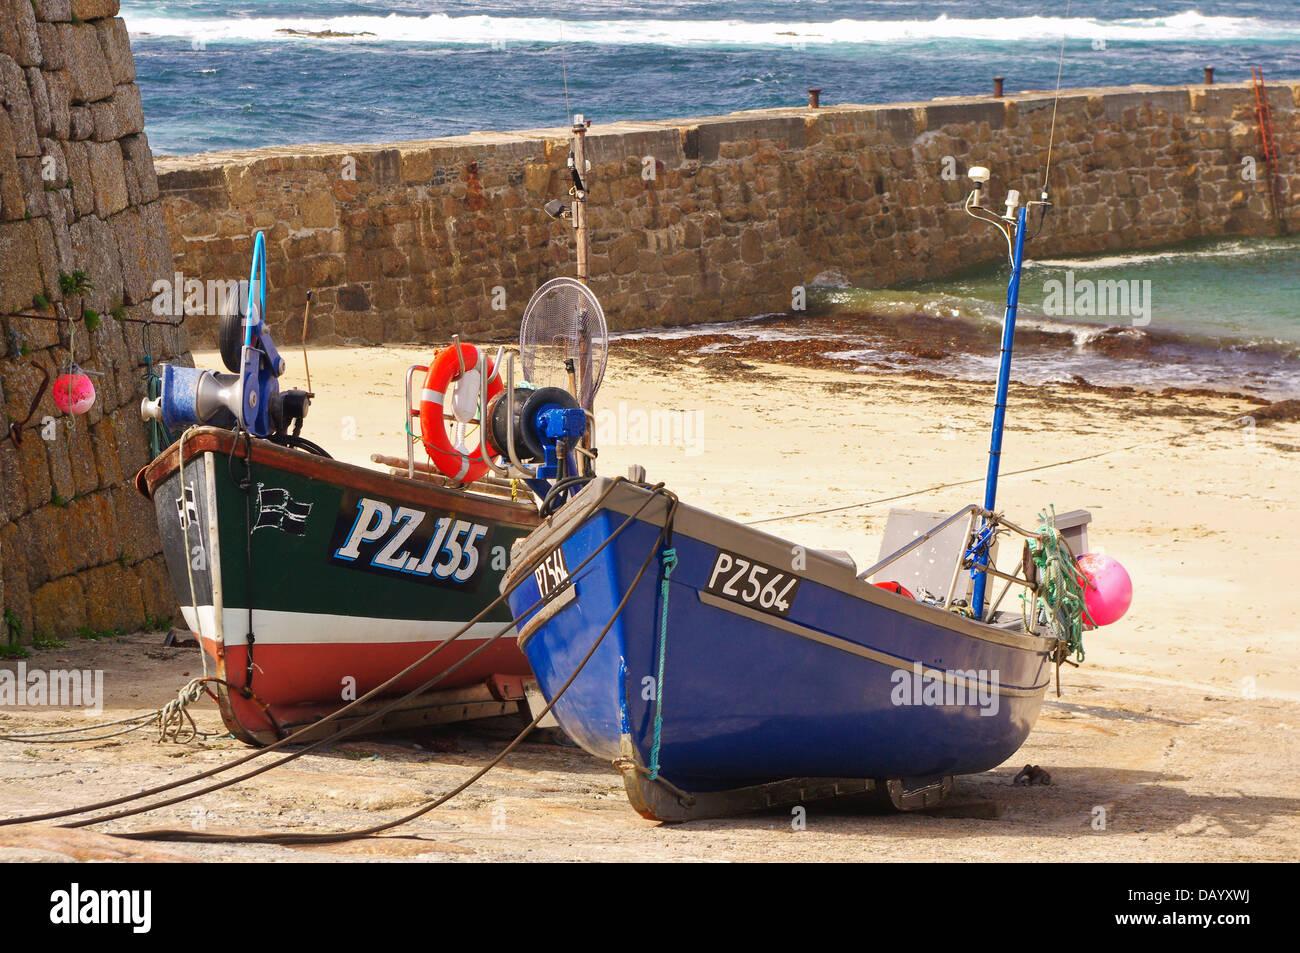 """PZ 155 """"Sarah Jane"""" and PZ 564 """"Tamara"""" shellfish boats at Sennen Cove, Cornwall Stock Photo"""